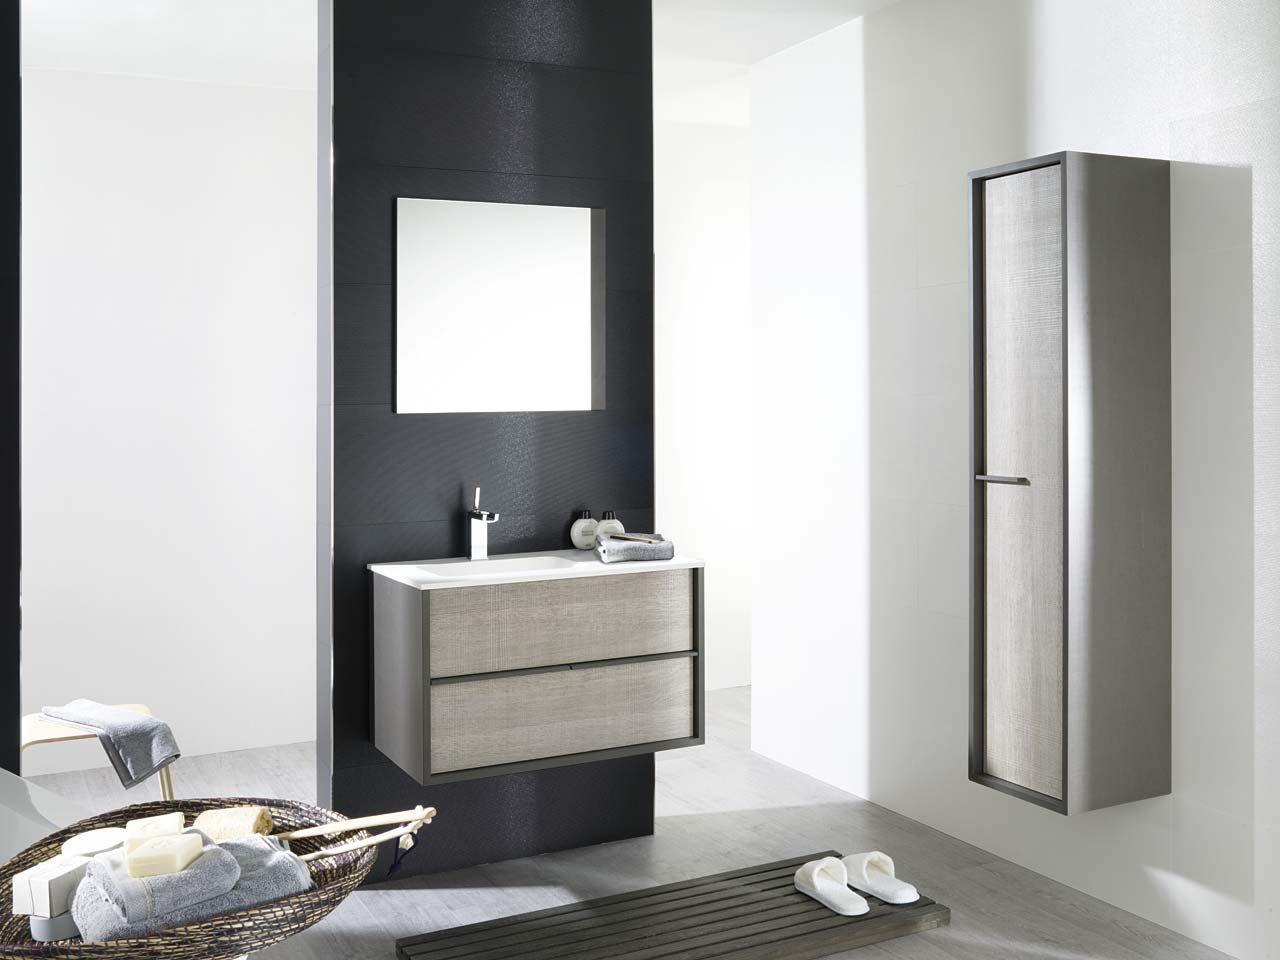 Porcelanosa idea ba o arriba mueble del color del suelo ideas para el hogar pinterest - Hogar del mueble ...